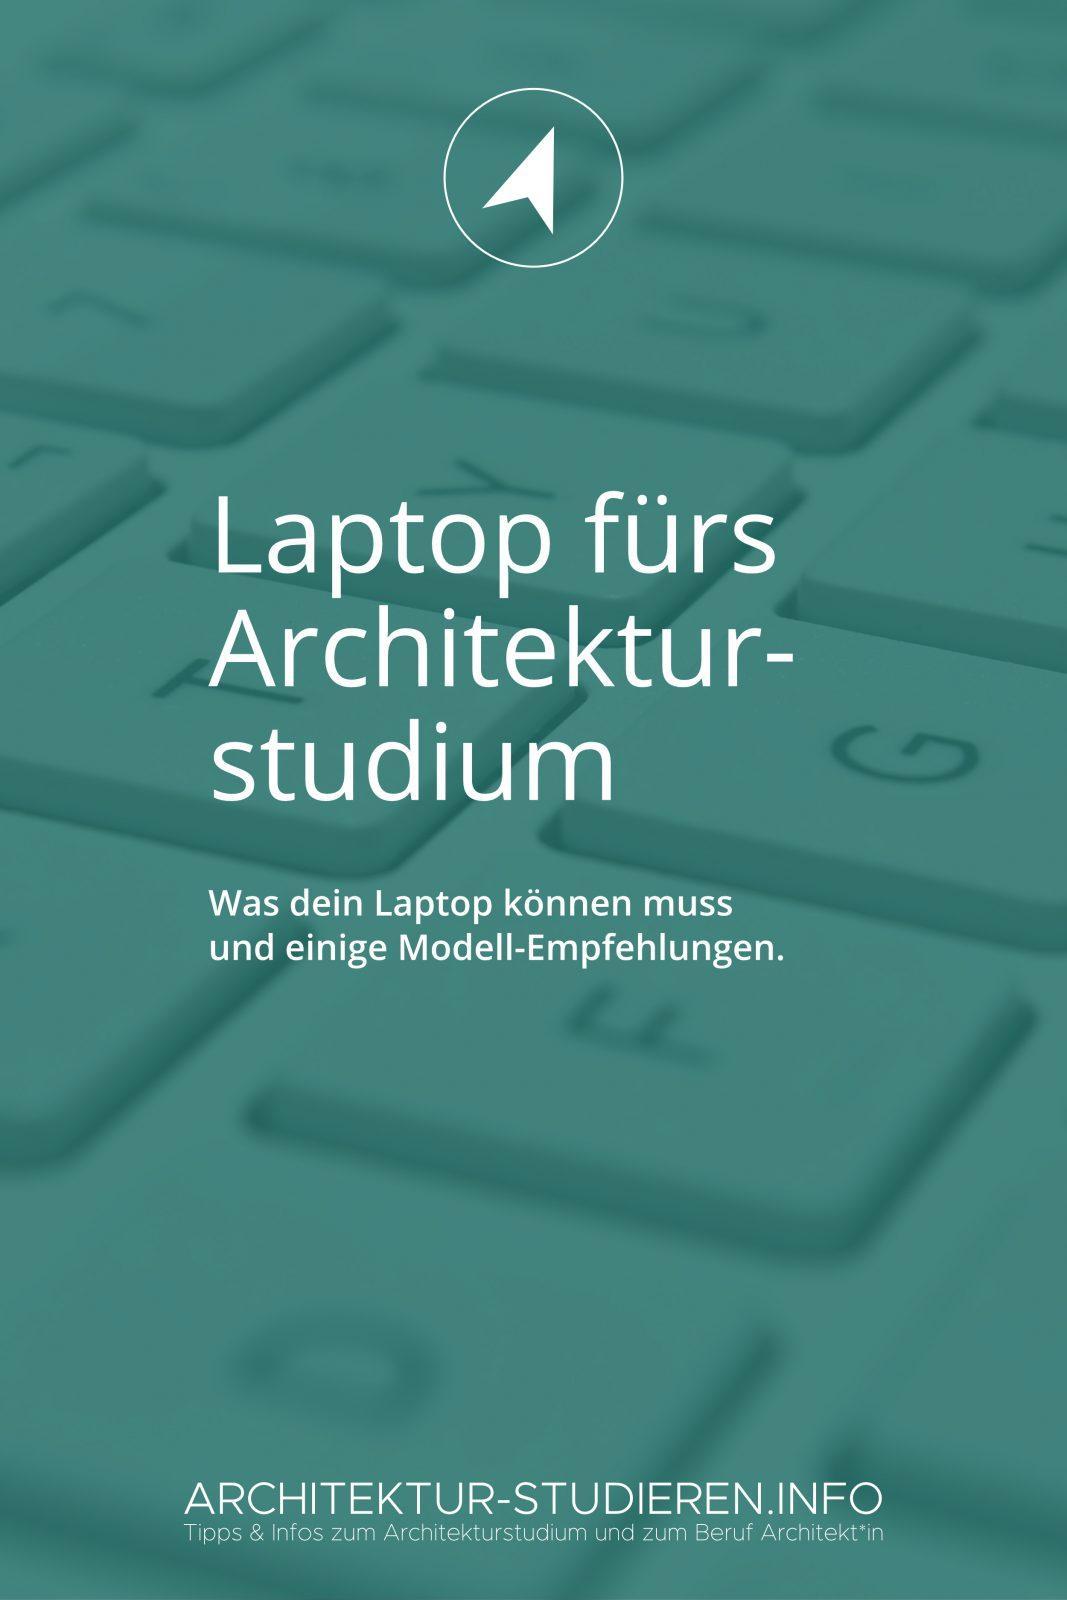 Welcher Laptop eignet sich 2019 für das Architekturstudium? | © Architektur-studieren.info